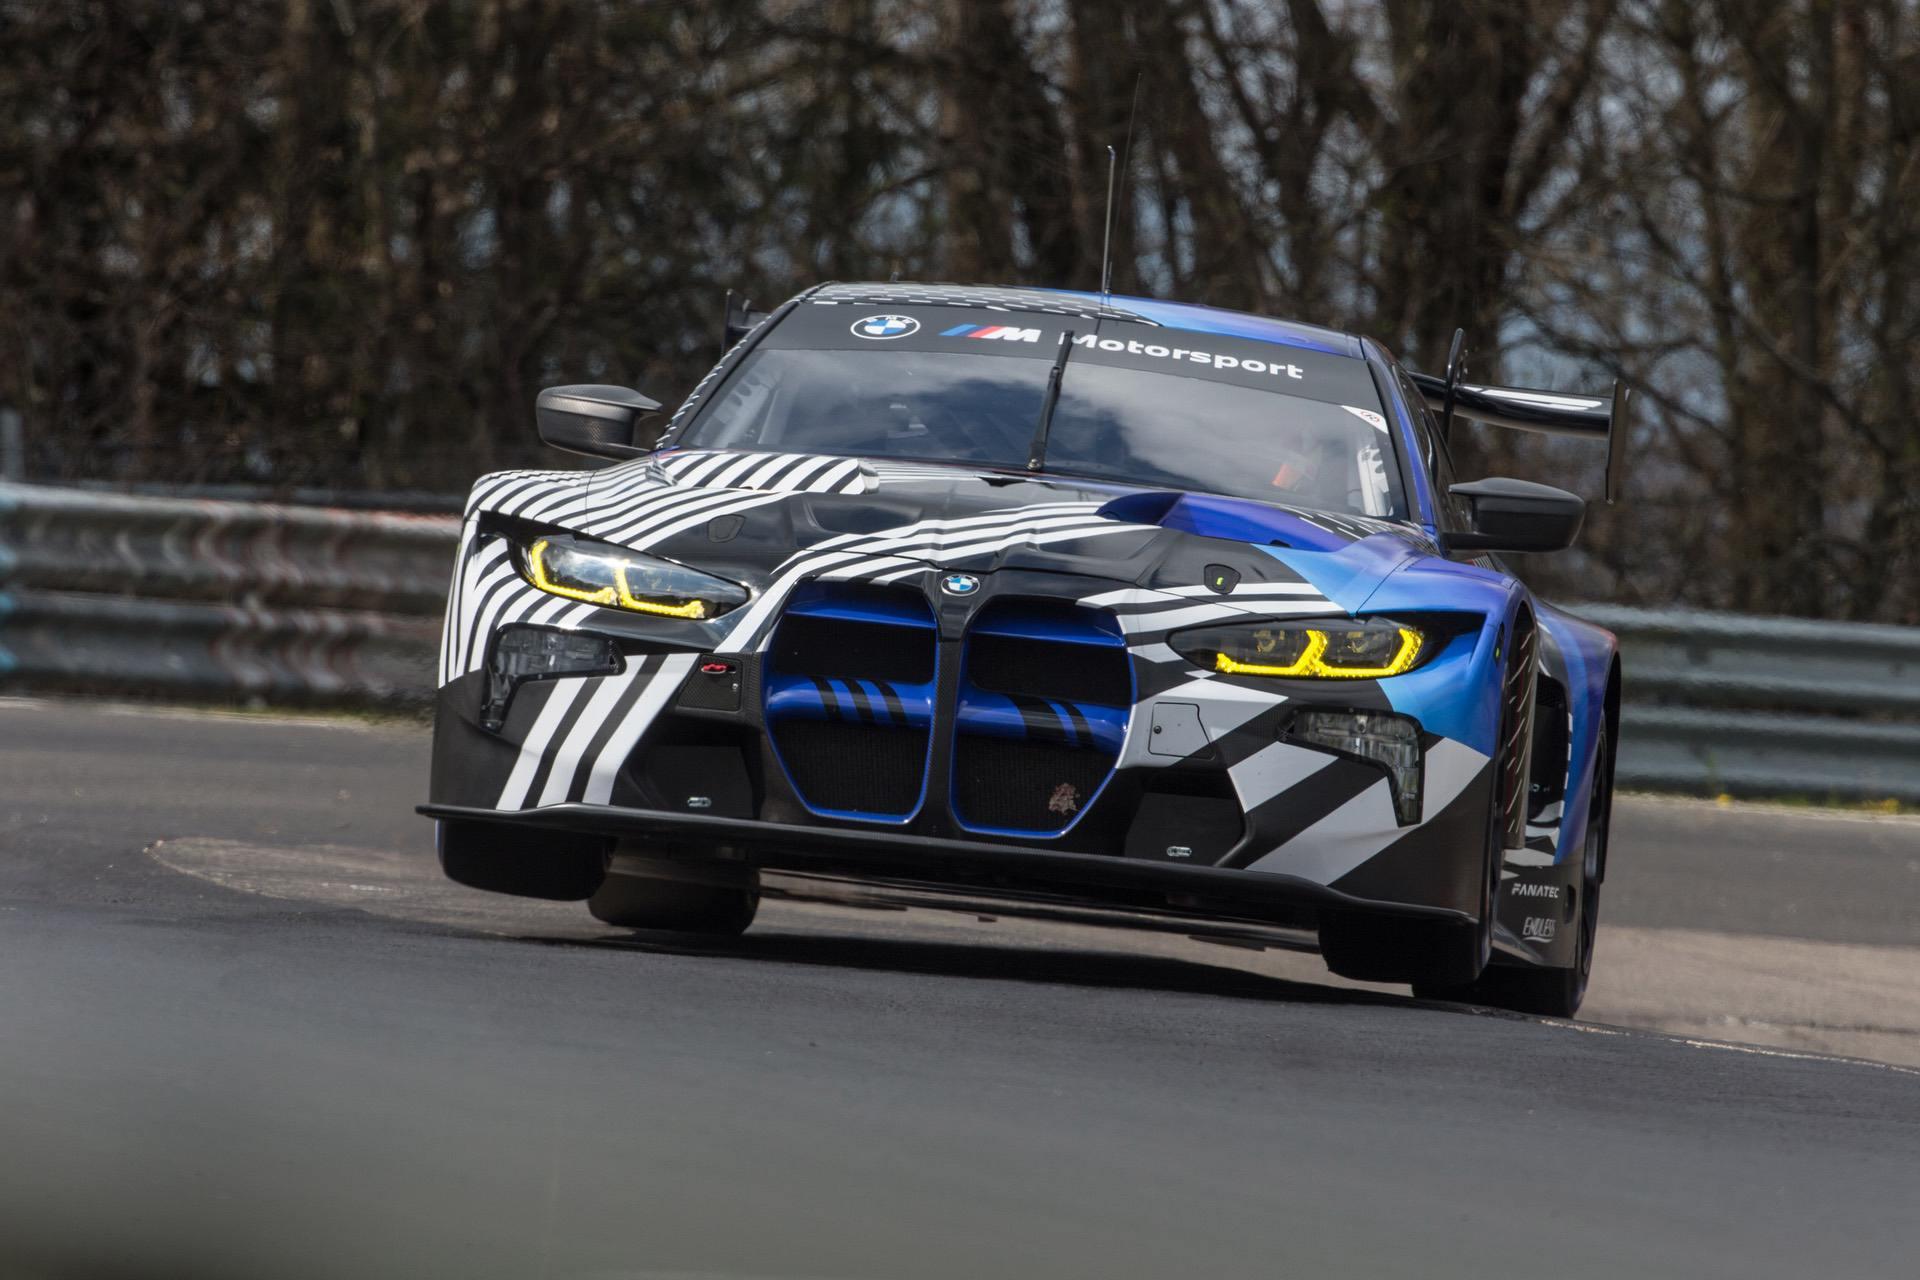 bmw m4 gt3 nurburgring 04